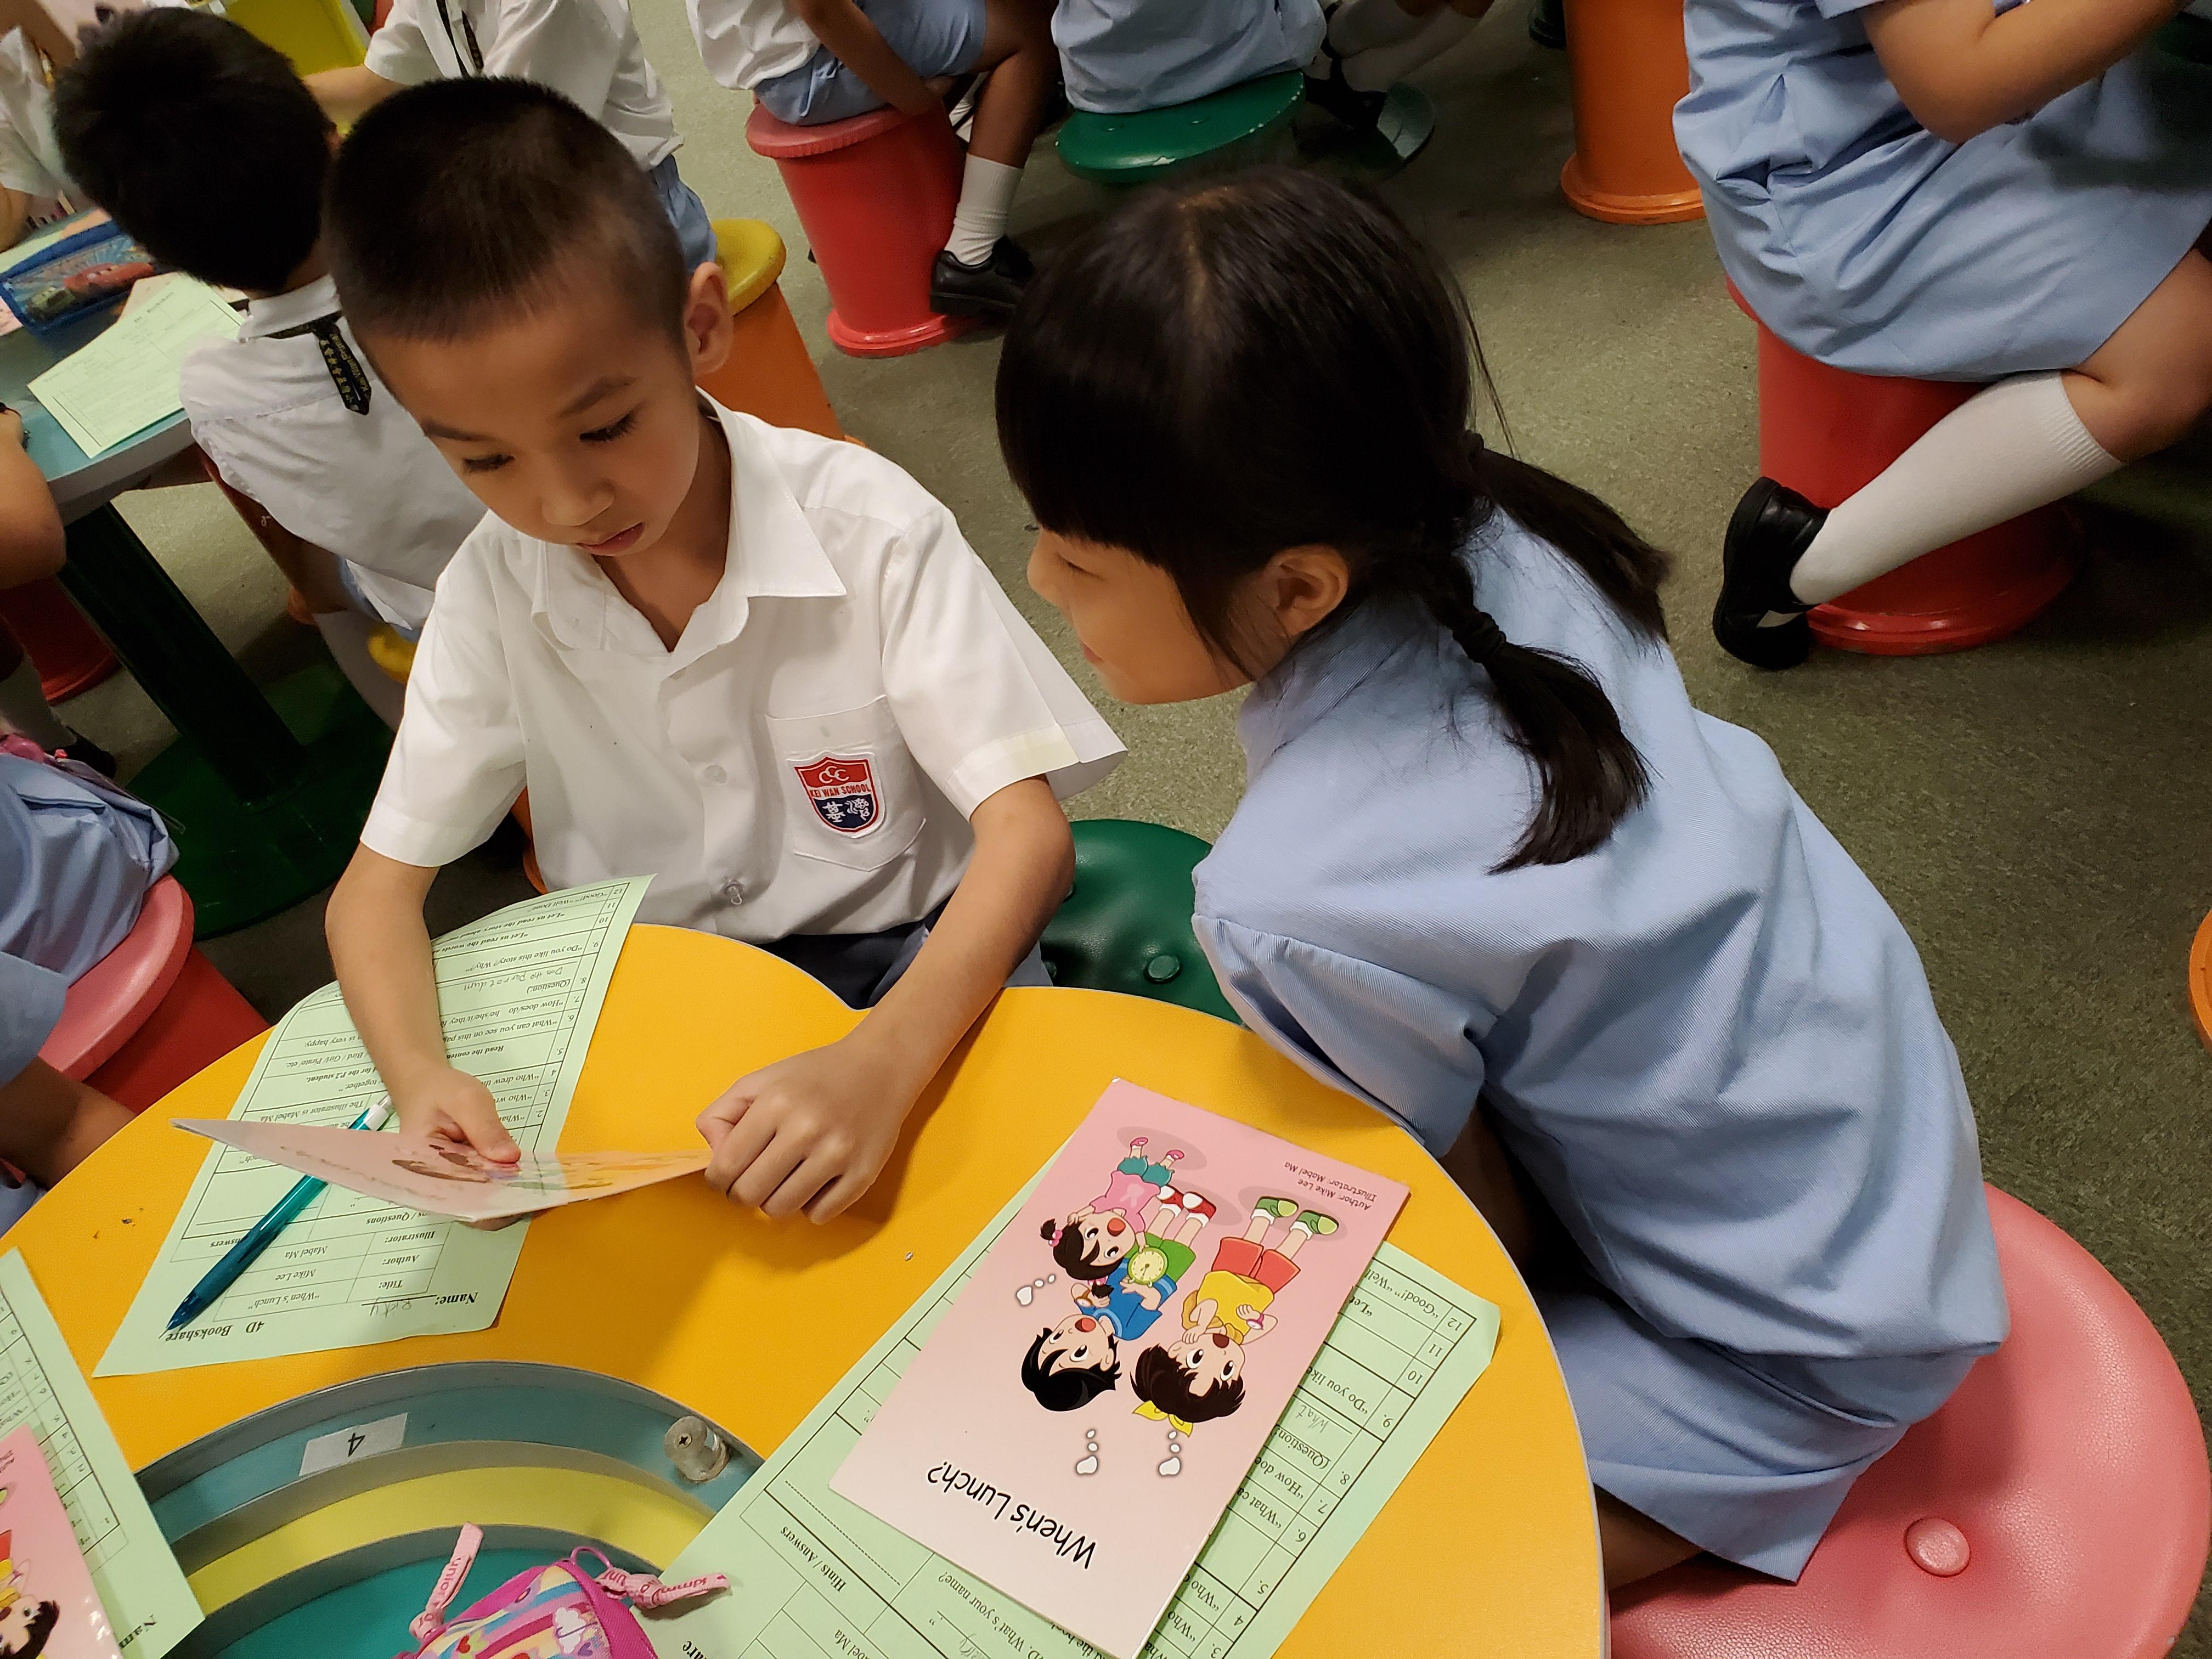 http://www.keiwan.edu.hk/sites/default/files/20191008_102111.jpg